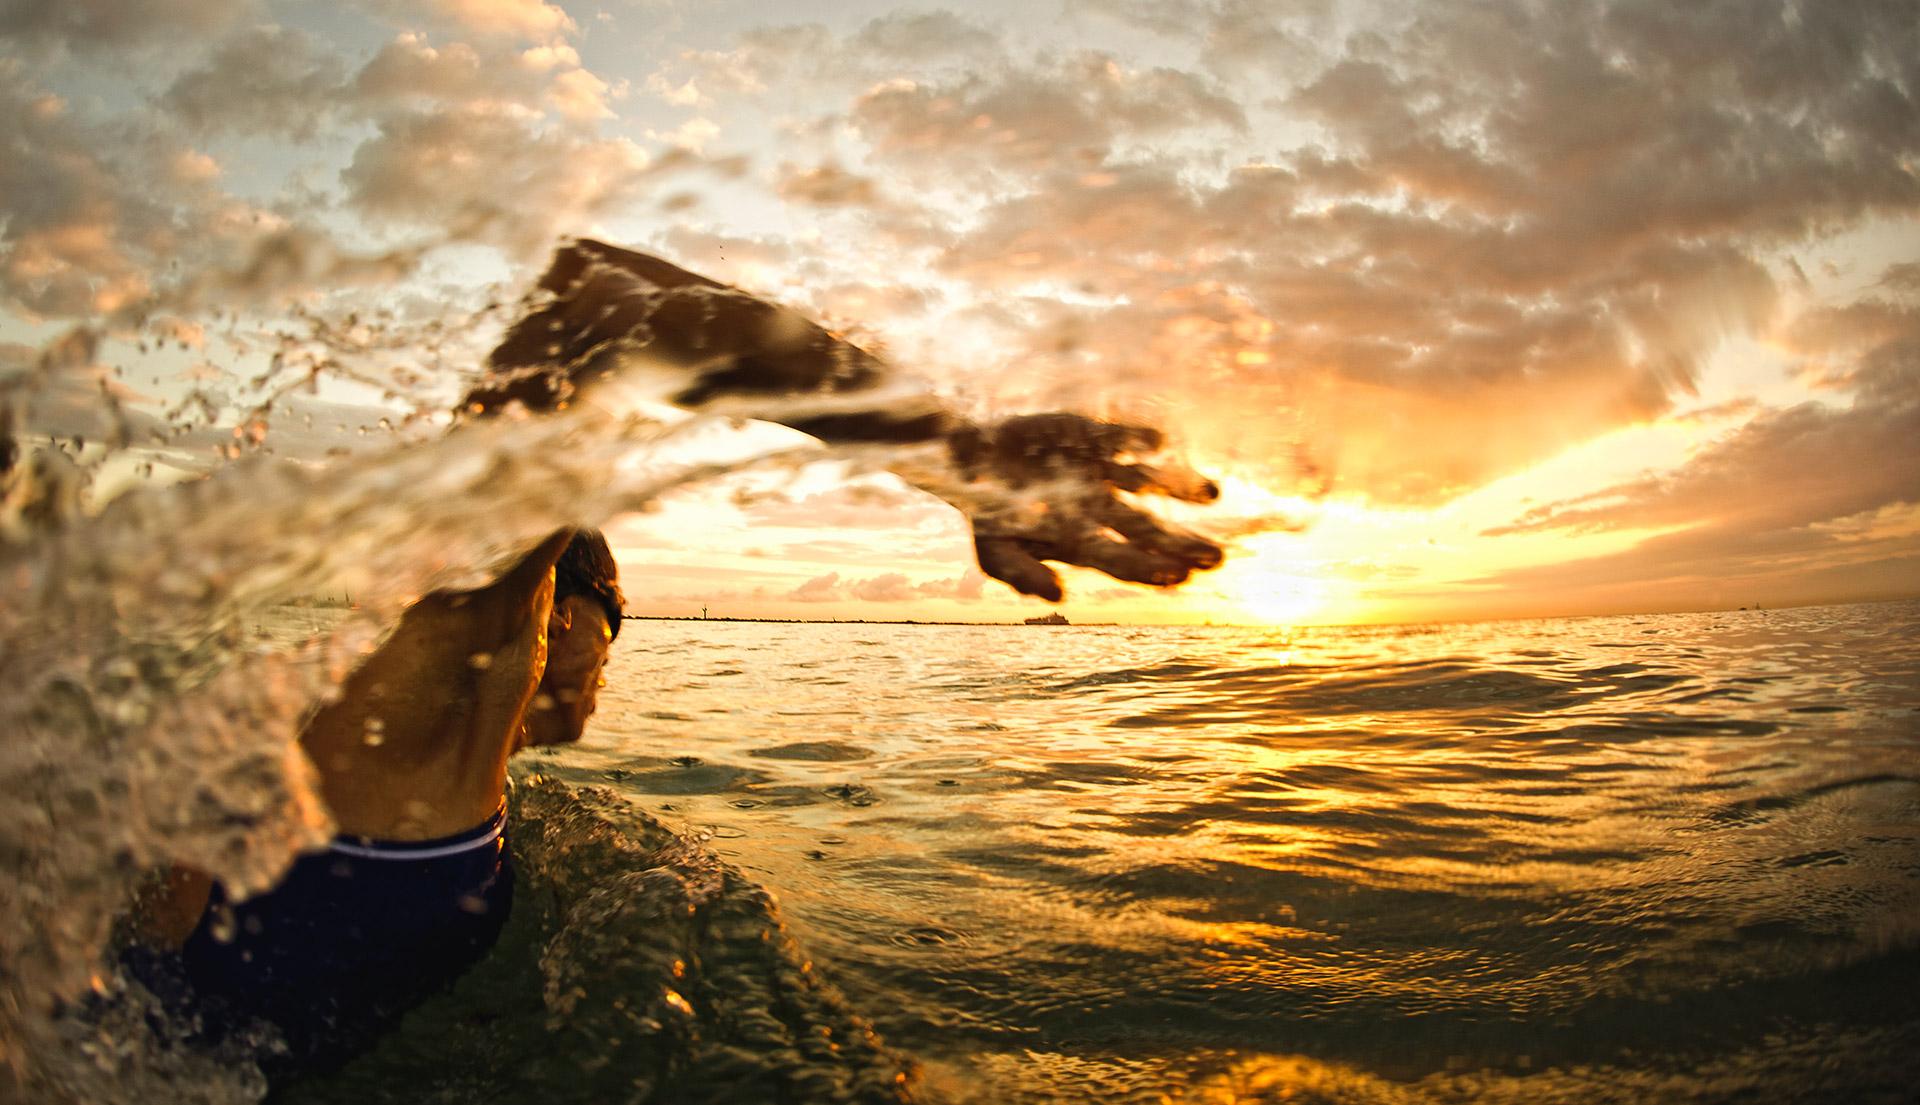 Immer auf der Suche nach neuen Perspektiven © Alex Papis